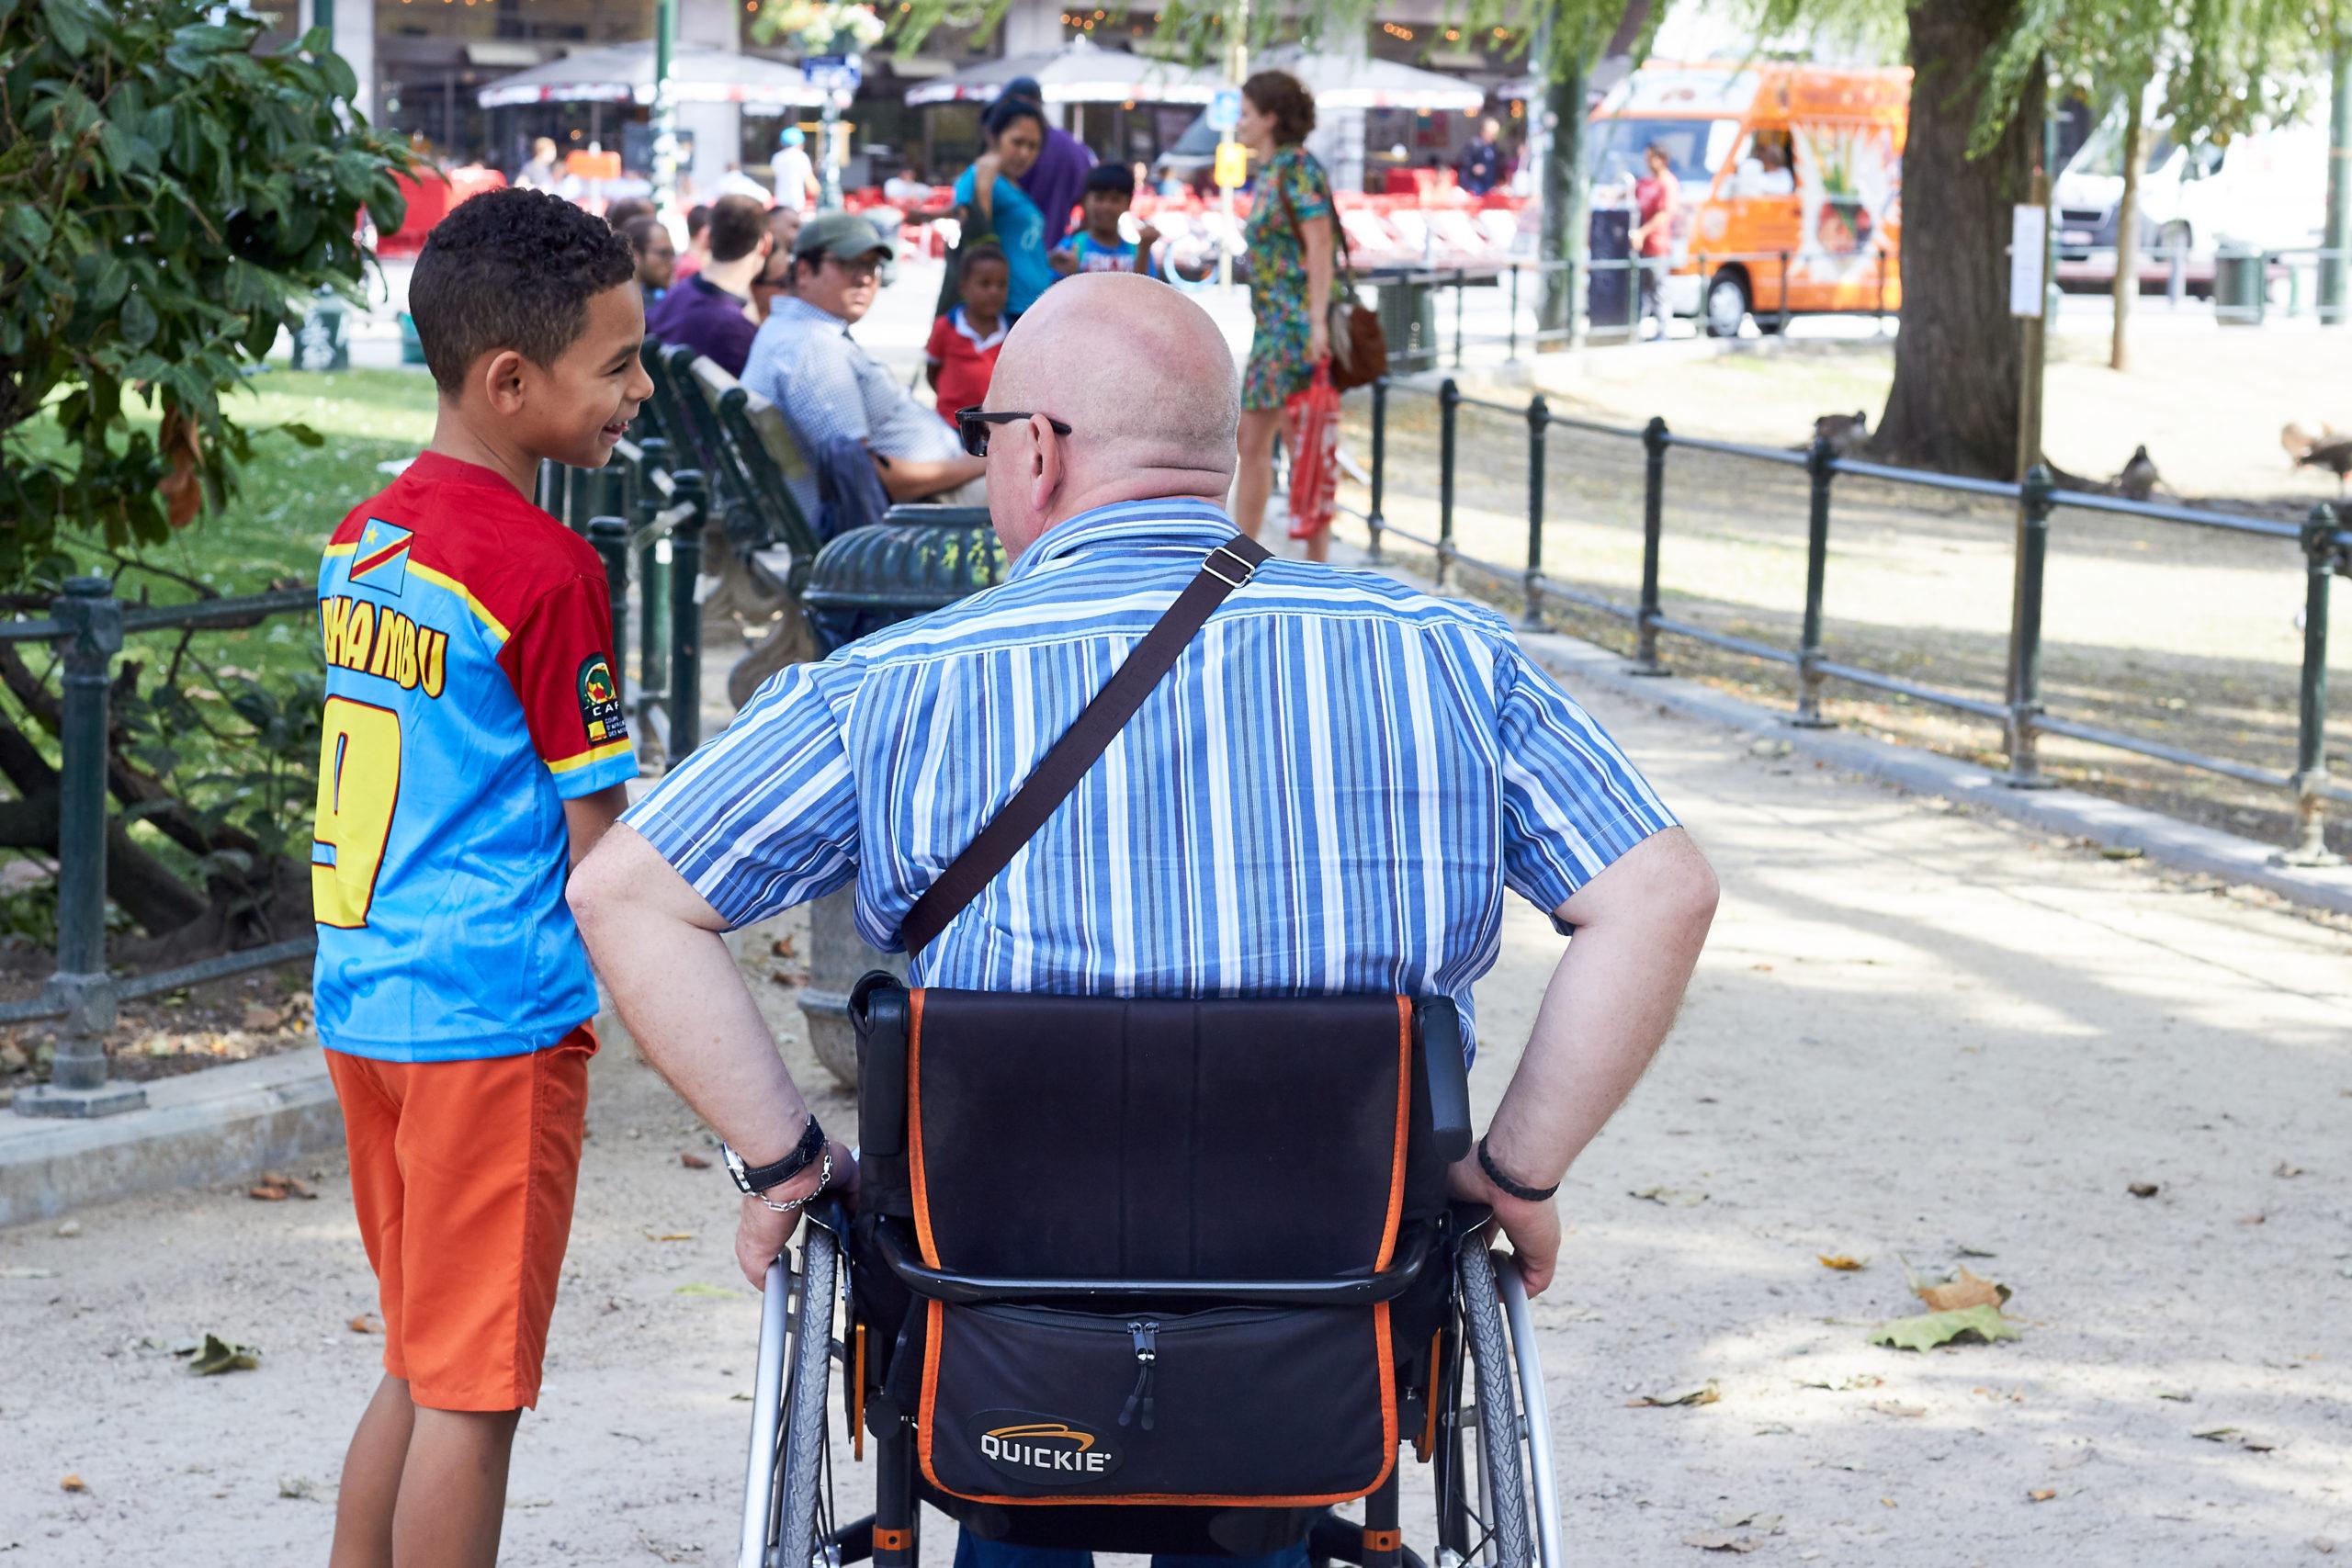 Personne à mobilité réduite dans une chaise roulante de dos discutant avec un jeune garçon